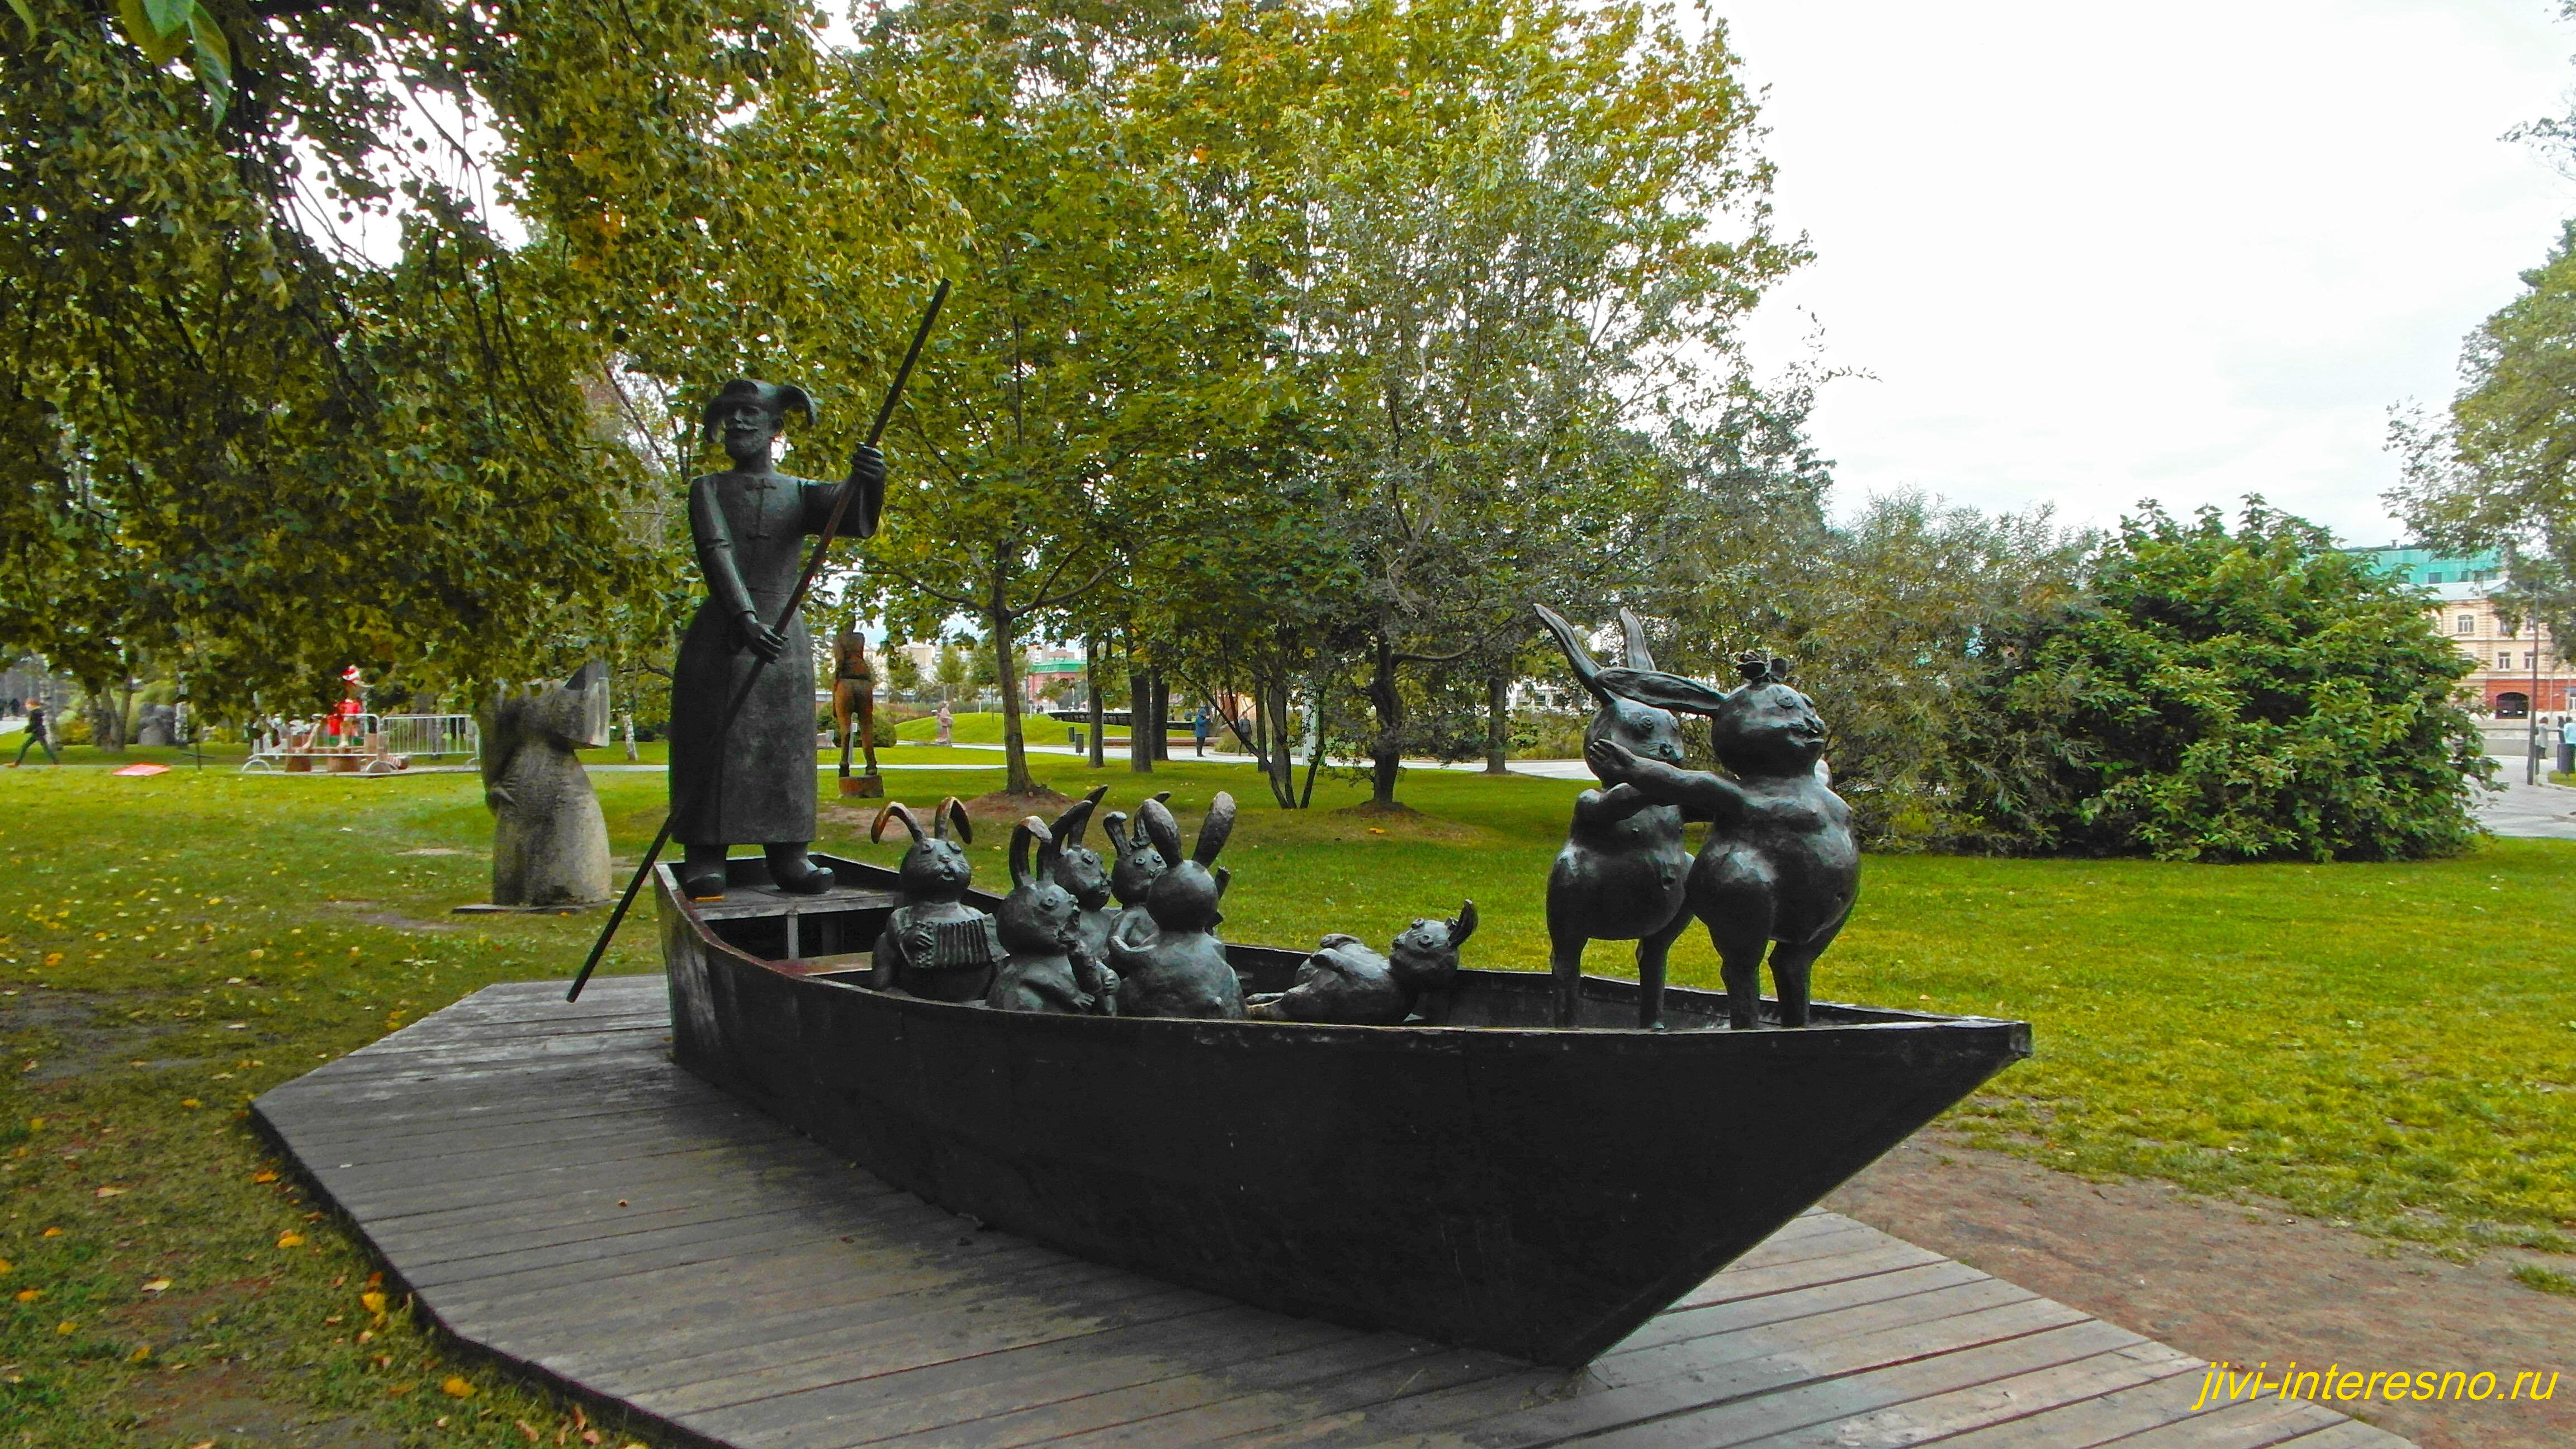 Парк Музеон в Москве, Дед Мазай и зайцы